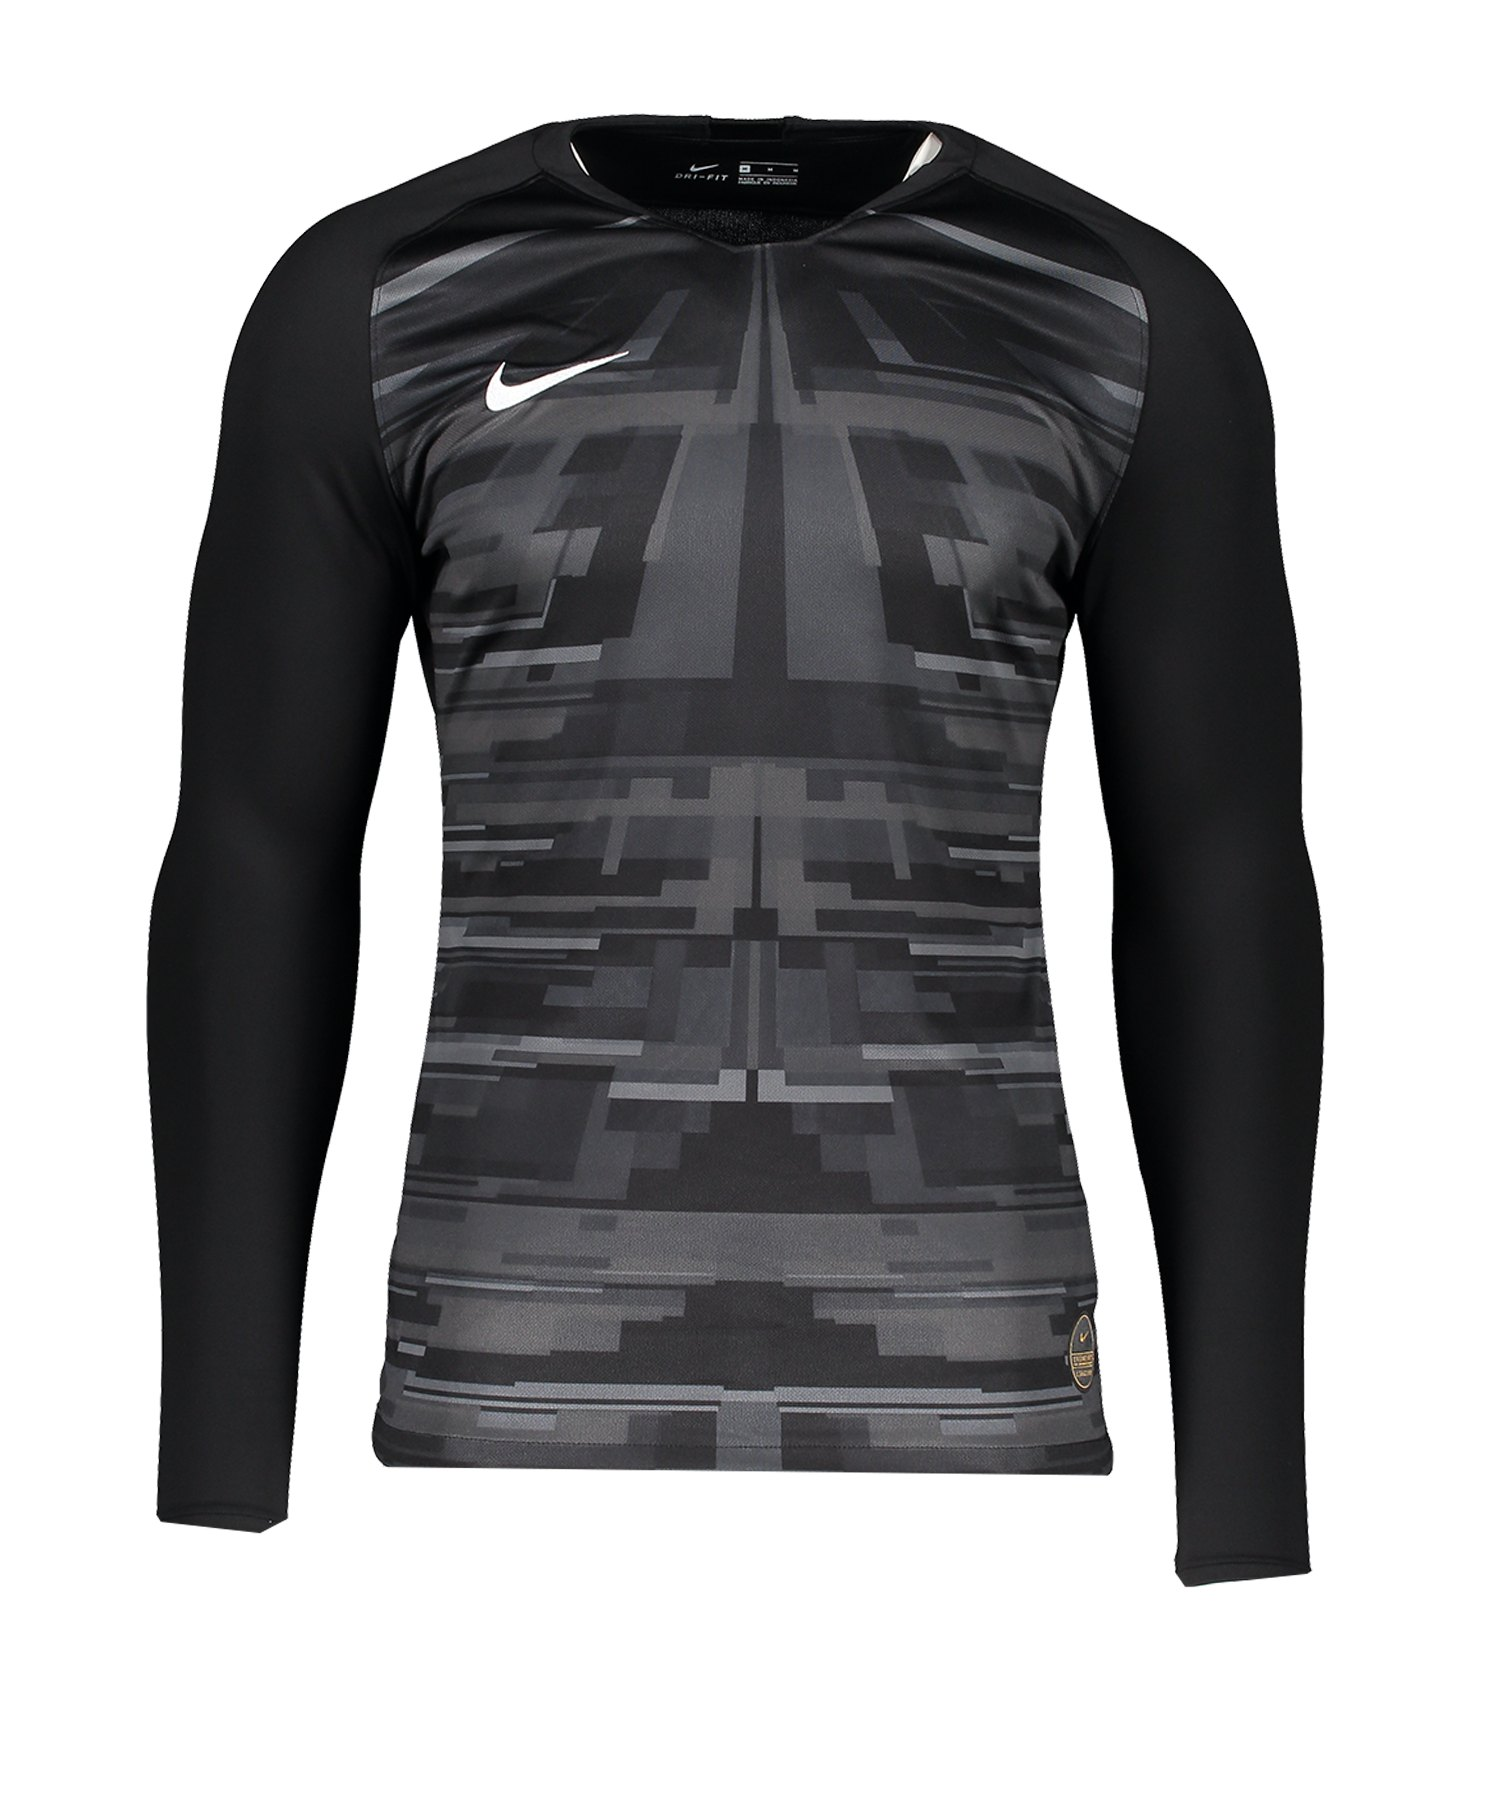 Nike Promo GK-Jersey LS Schwarz Weiss F010 - schwarz